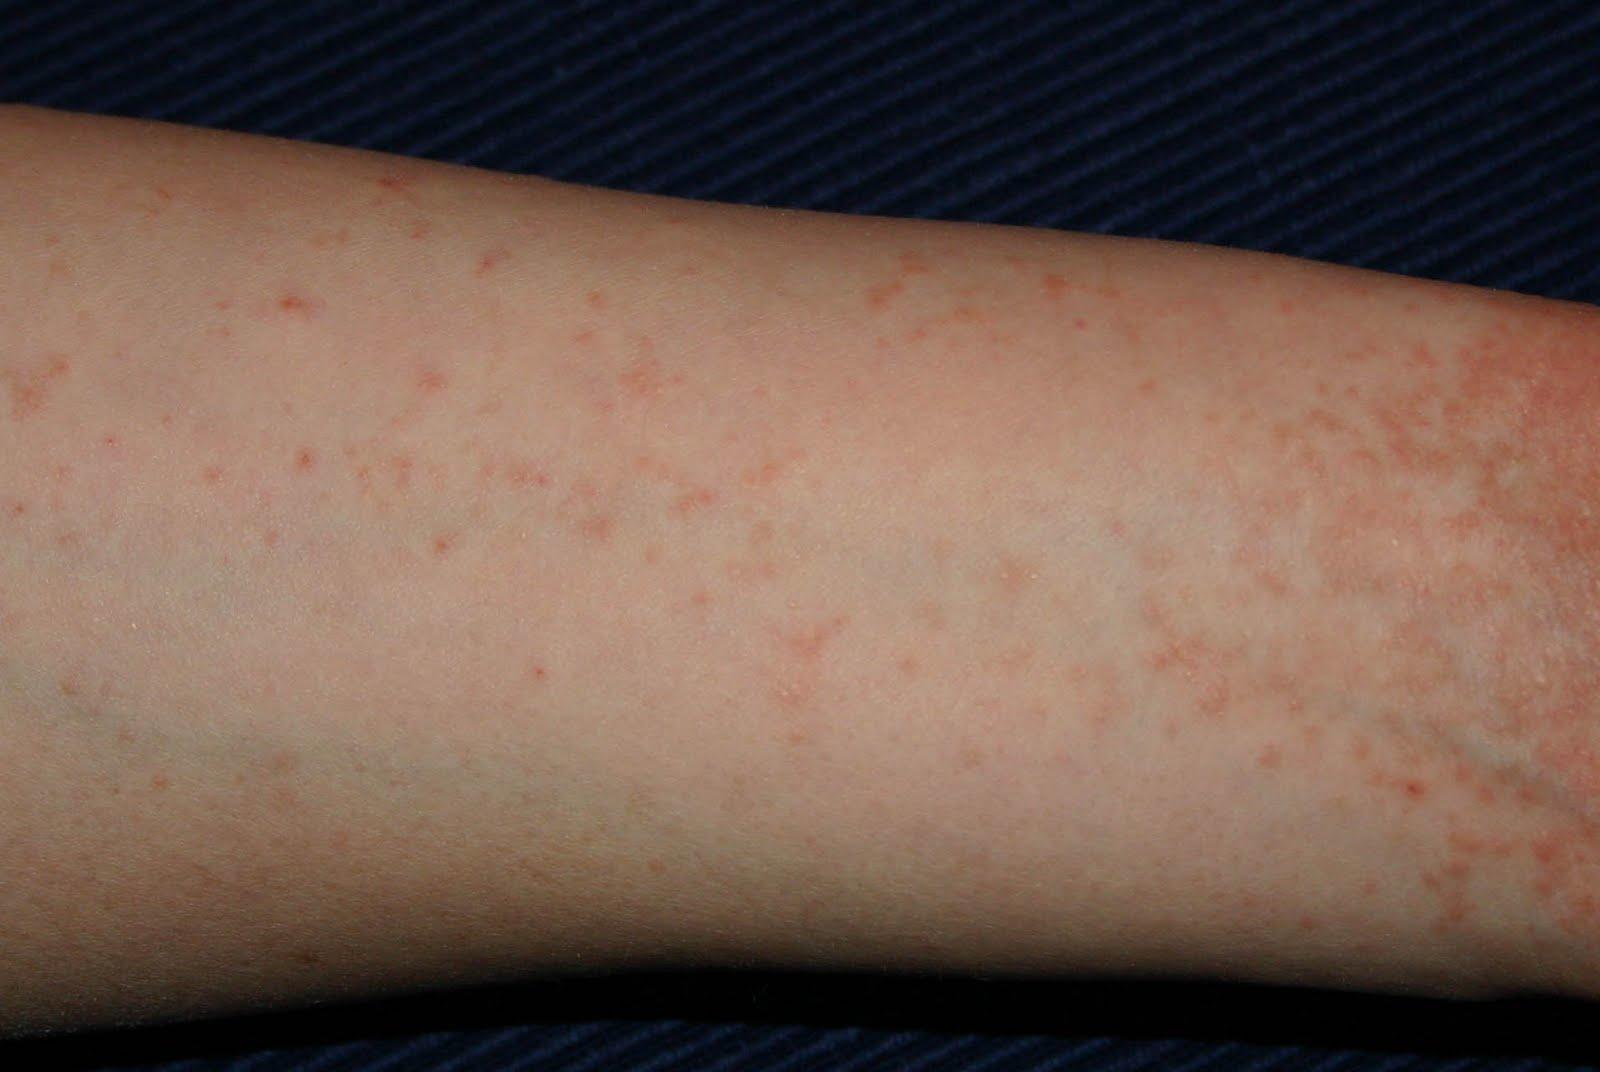 vörös foltok a testen népi gyógymódokkal történő kezelés pikkelysömör kezelésének előadása